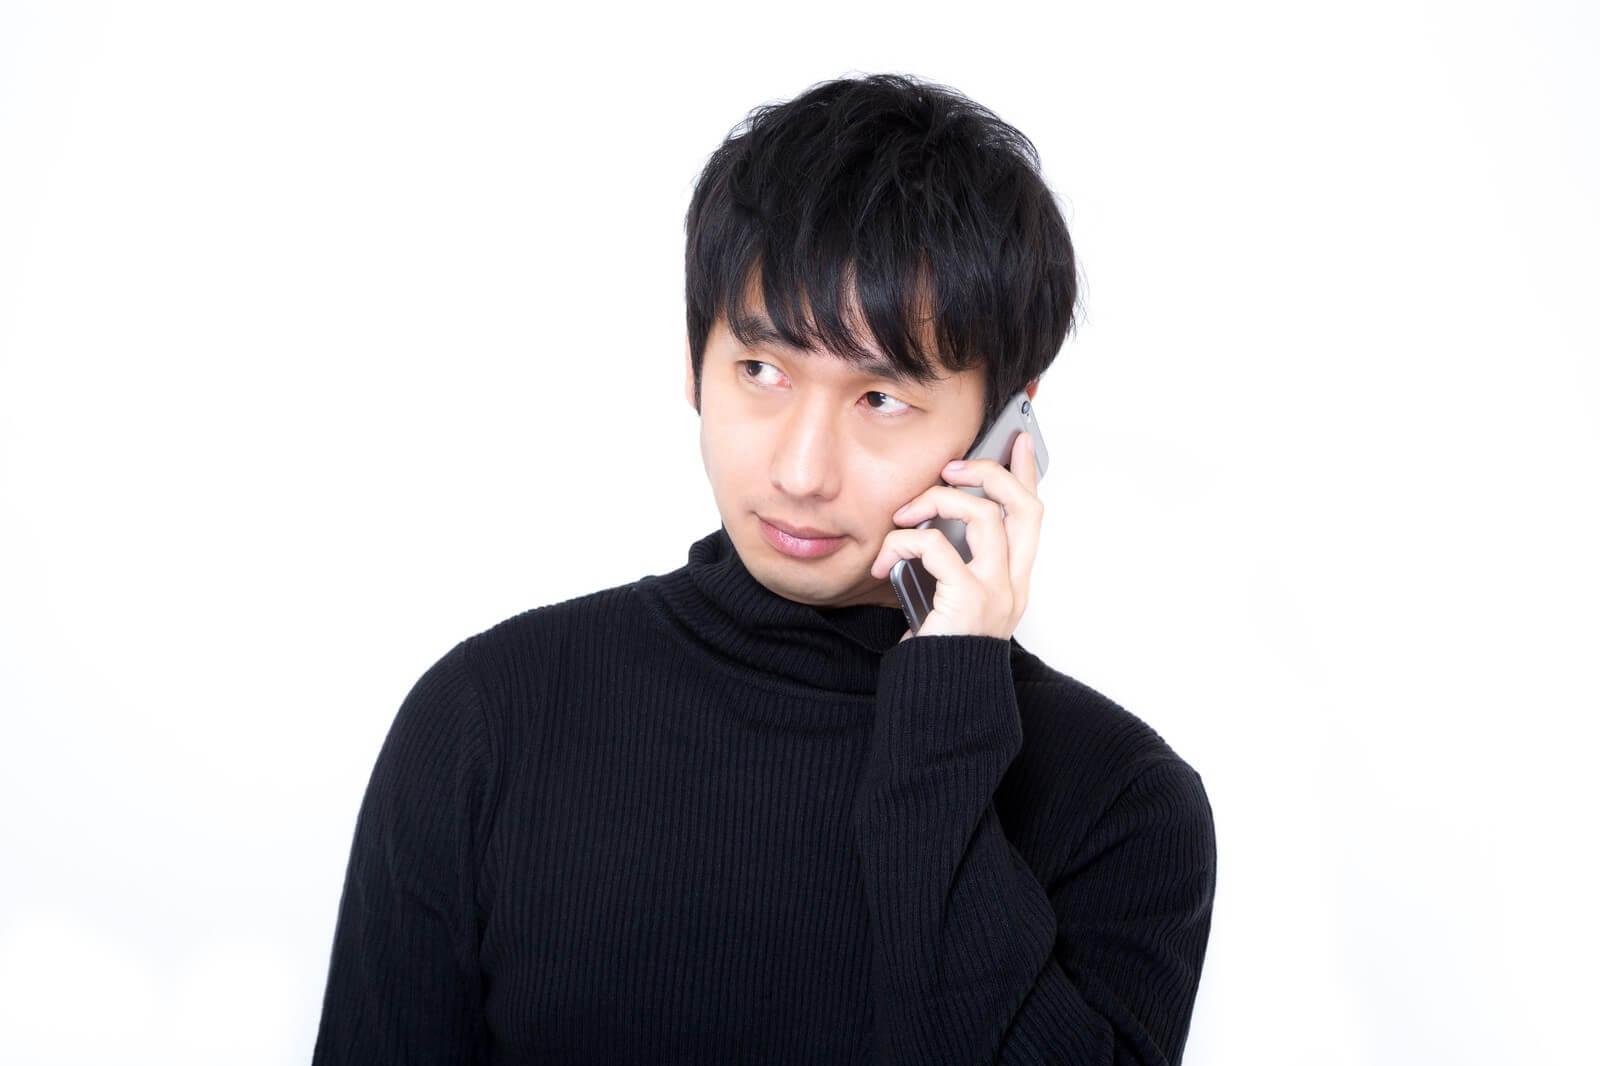 ソフトバンクでMNP(ナンバーポータビリティ)予約番号を取得するために電話する男性